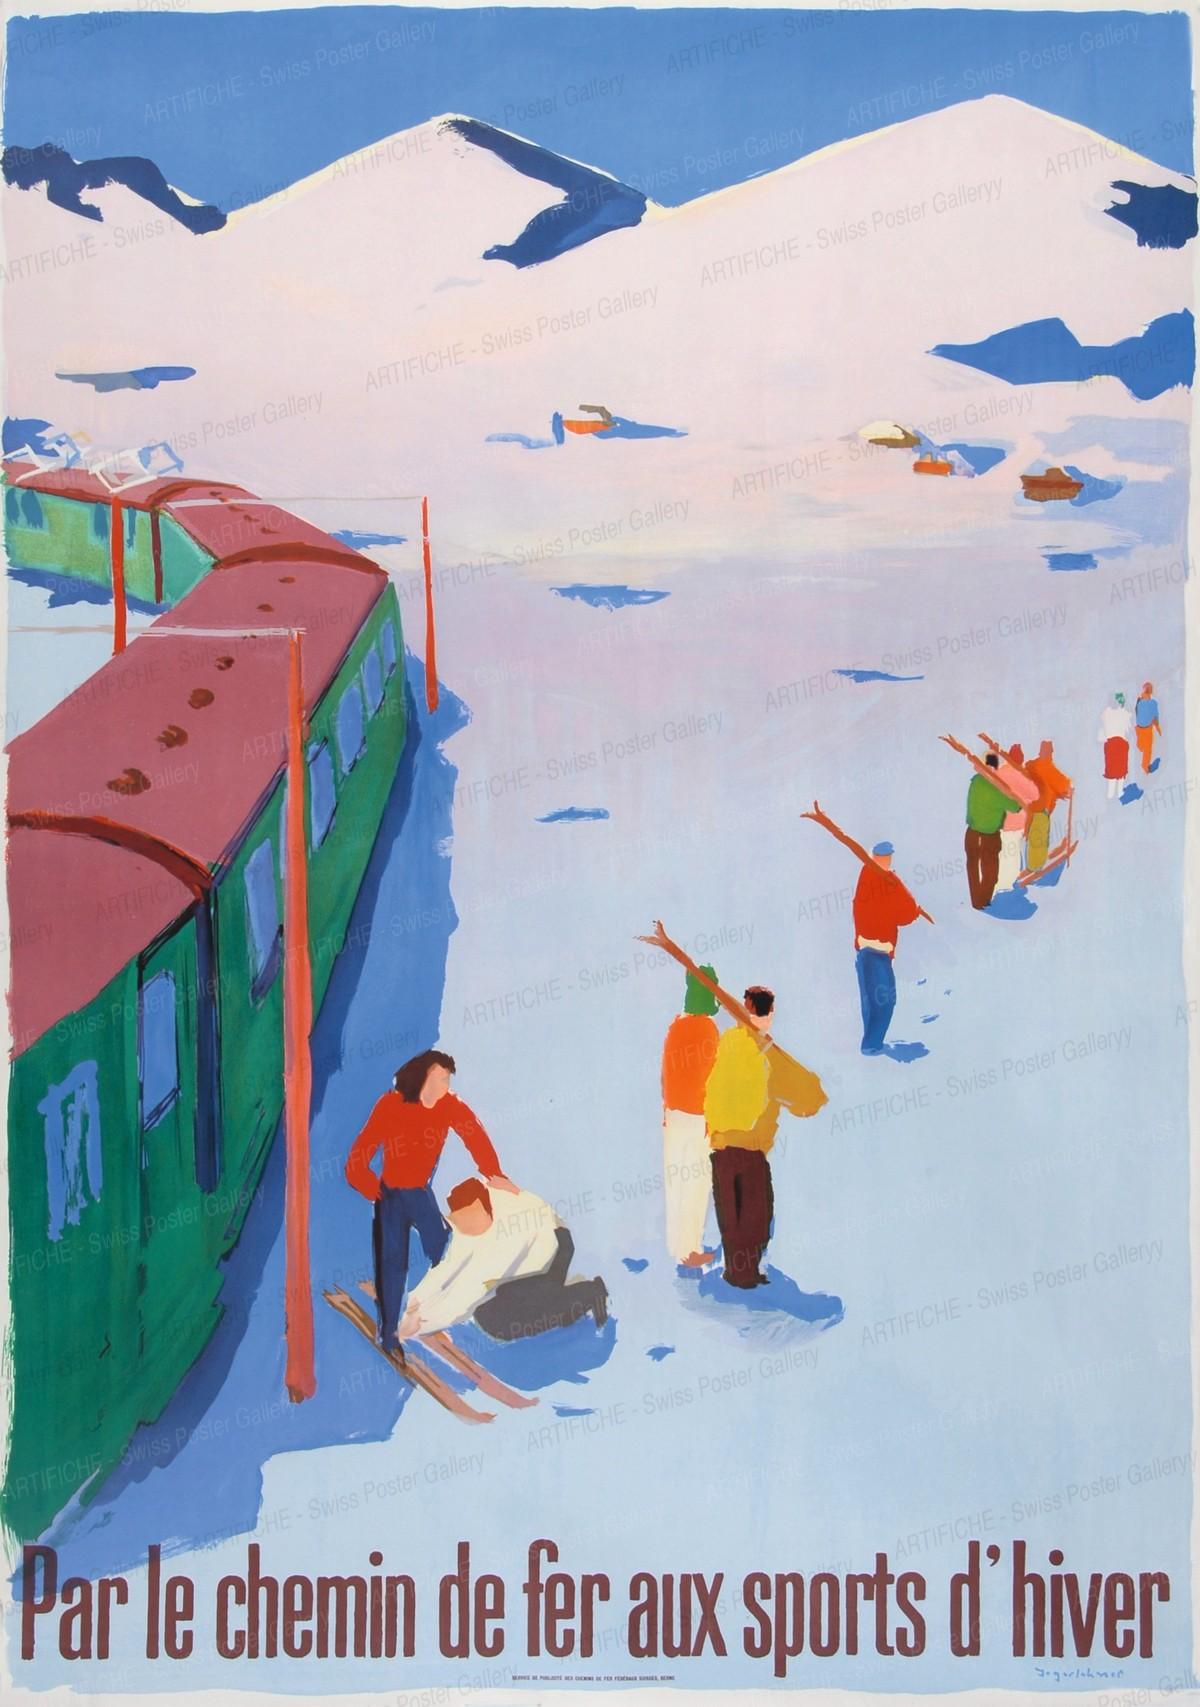 Switzerland – Par le chemin de fer aux sports d'hiver, Hans Jegerlehner